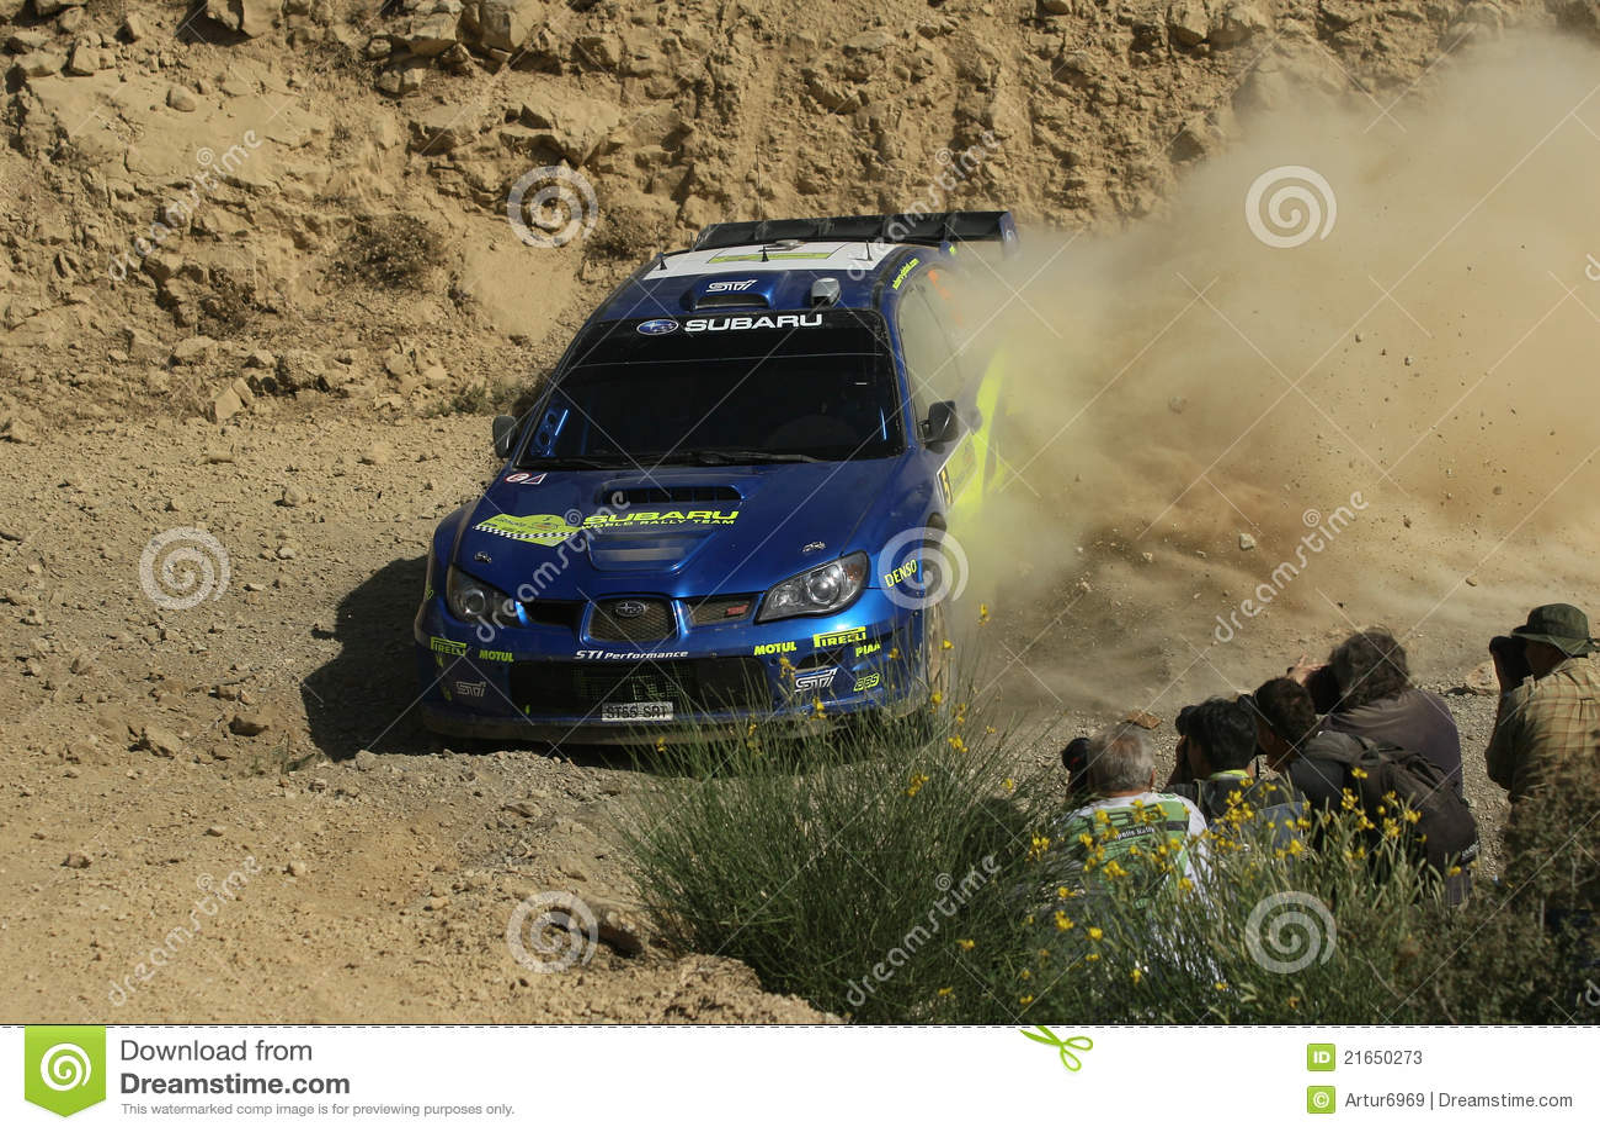 Subaru Impenza Wrc